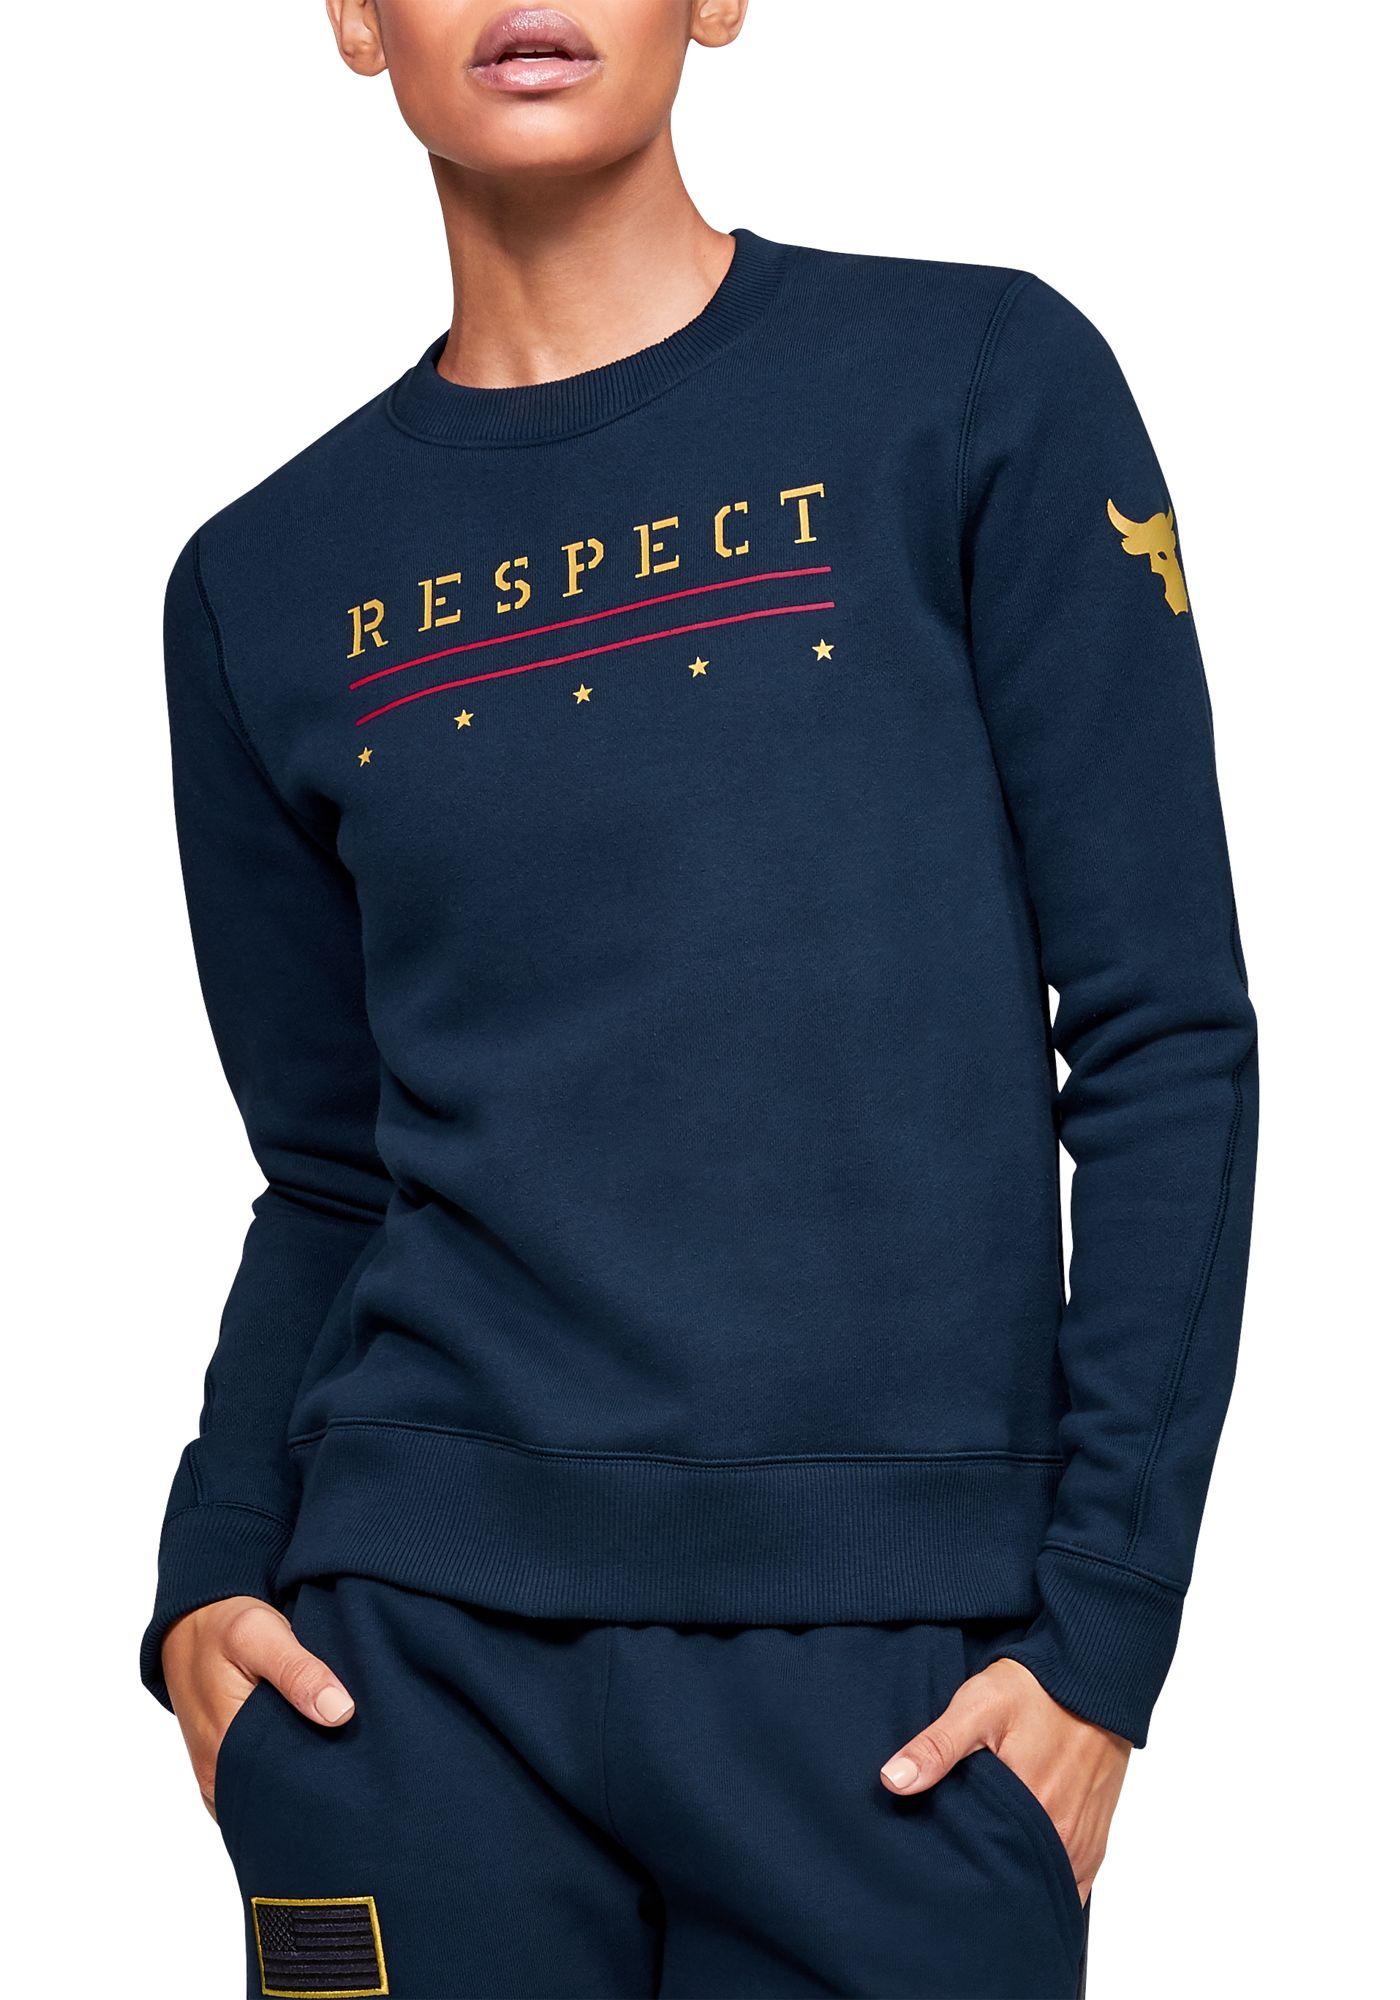 Under Armour Women's Project Rock Veteran's Day Graphic Fleece Crewneck Sweatshirt